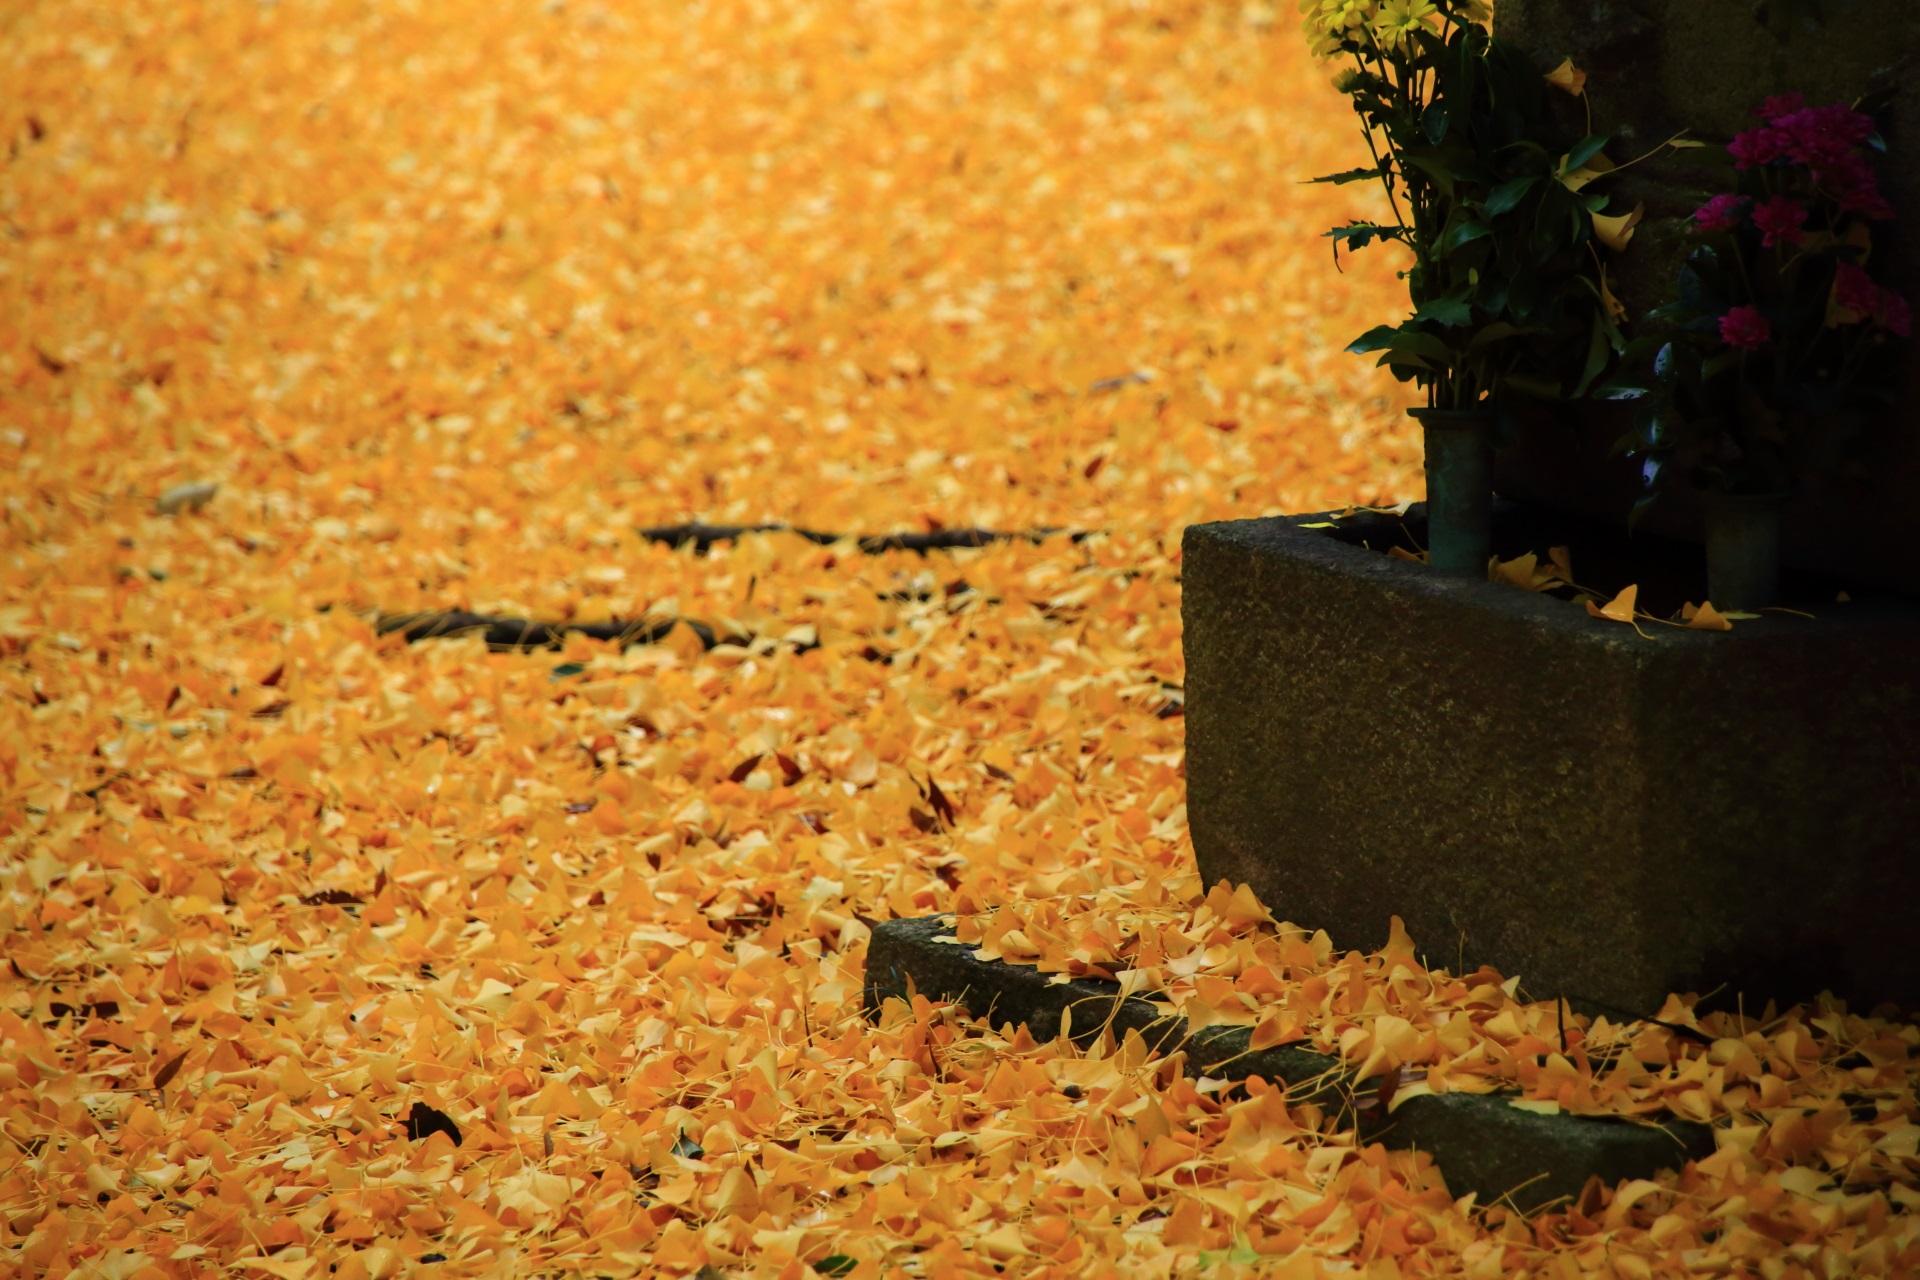 風情の中に華やかさが感じられる秋の情景